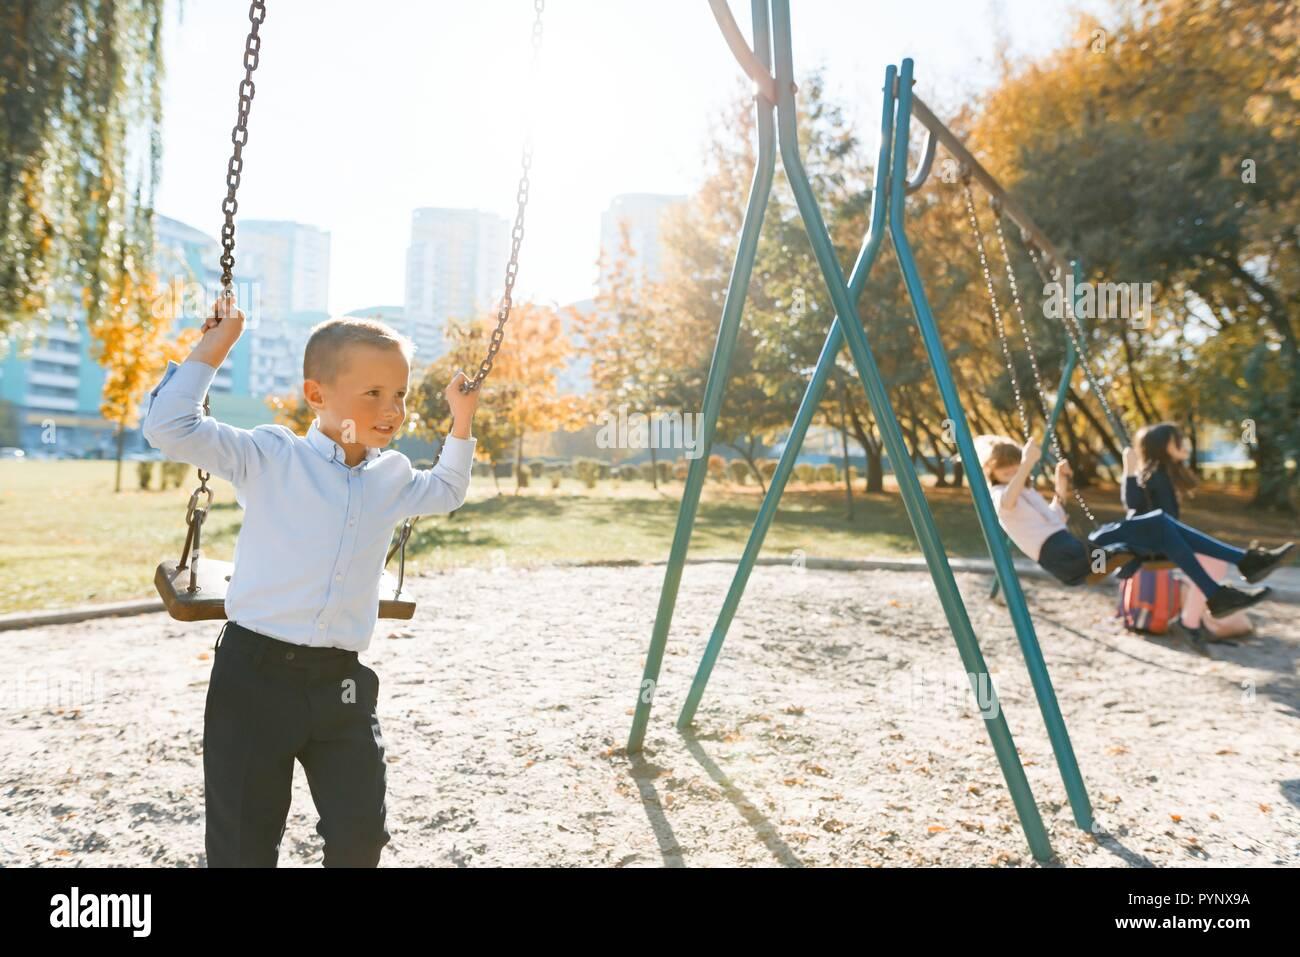 Los niños viajen en un columpio en el parque de otoño. Centrarse en el niño, la niña en la distancia, la hora dorada. Foto de stock